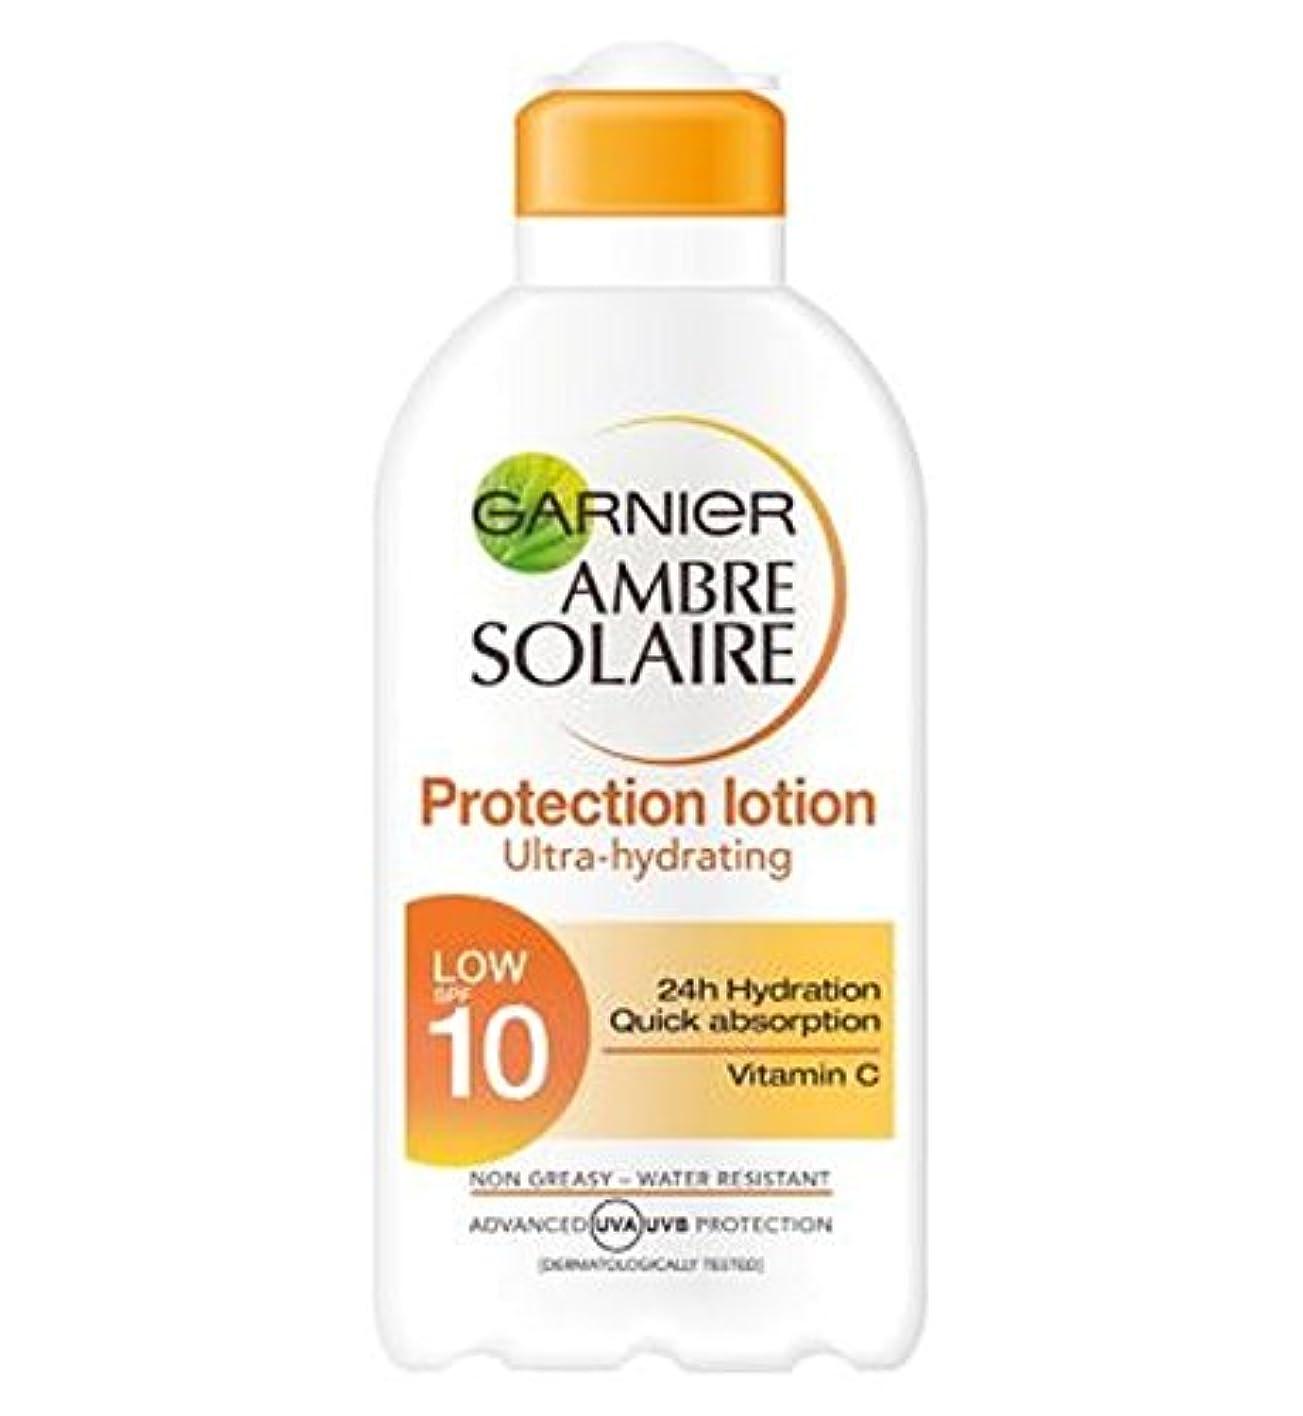 散歩デコレーション呪いガルニエアンブレSolaire保護ローションSpf10の200ミリリットル (Garnier) (x2) - Garnier Ambre Solaire Protection Lotion SPF10 200ml (Pack...